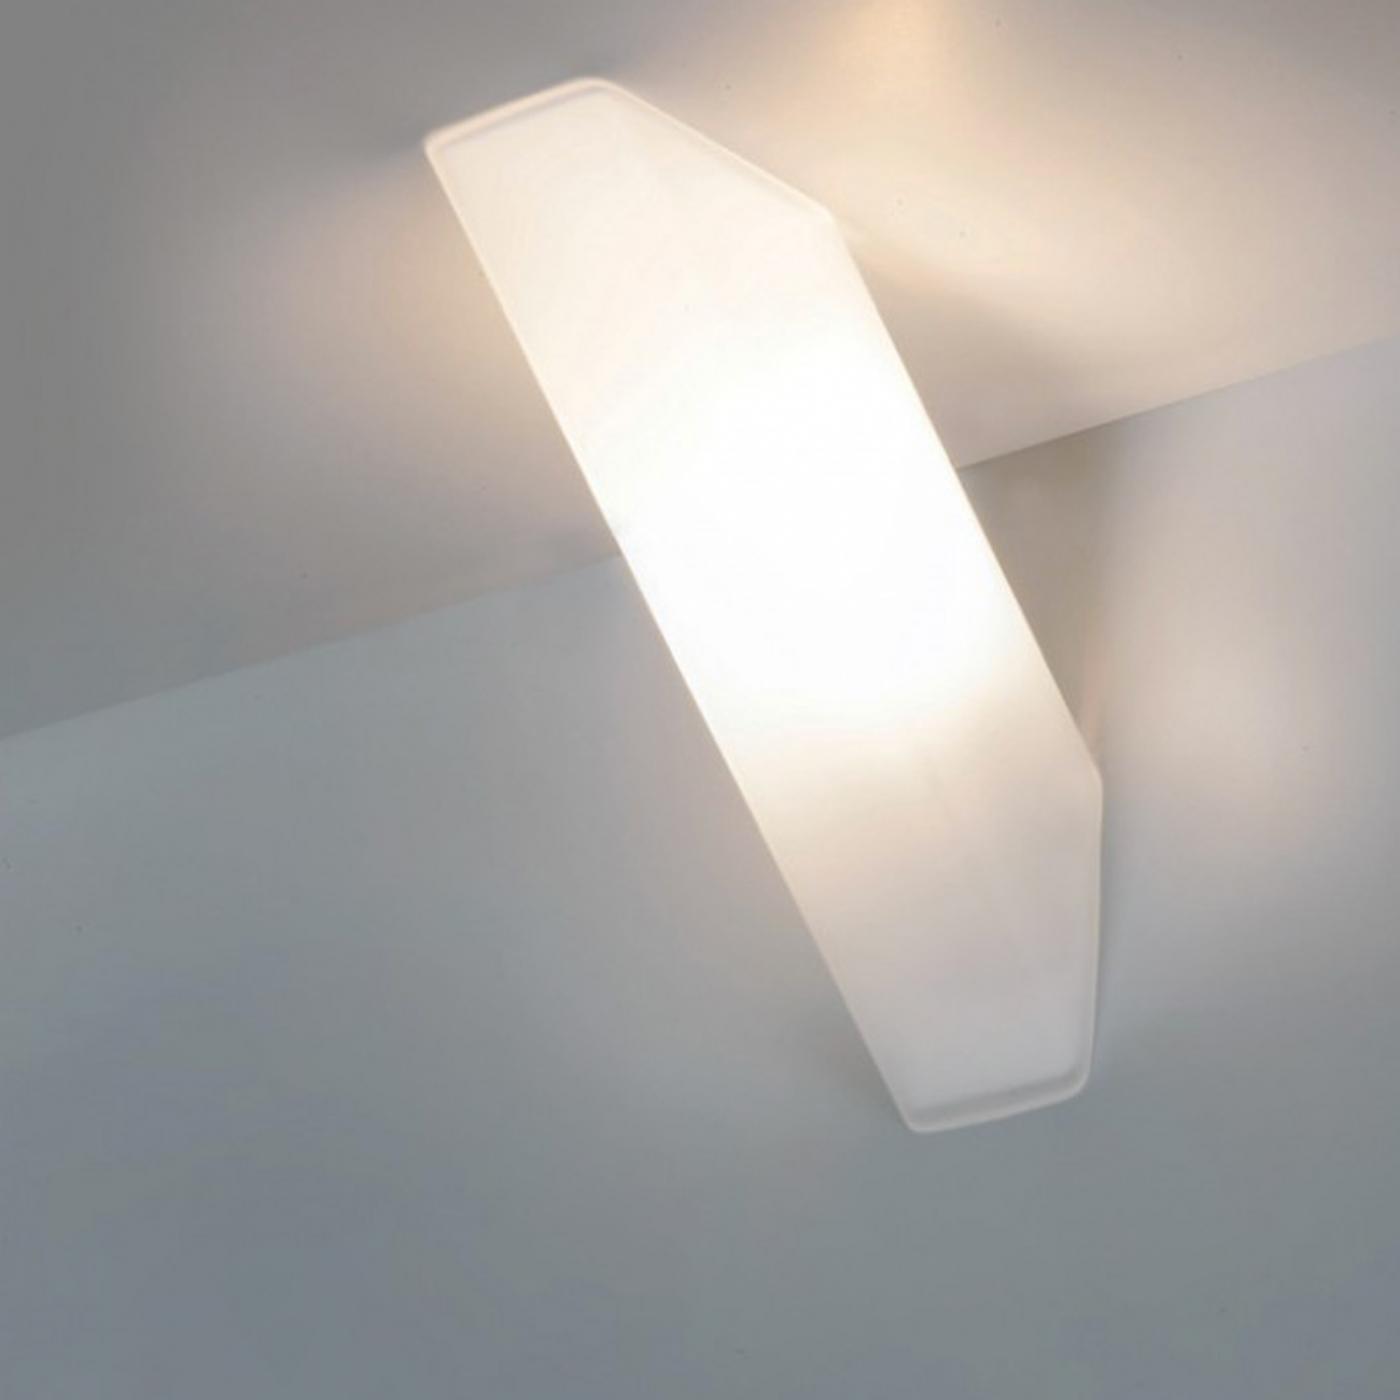 Martini Illuminazione Lighting: Illuminazione lampade da parete ...